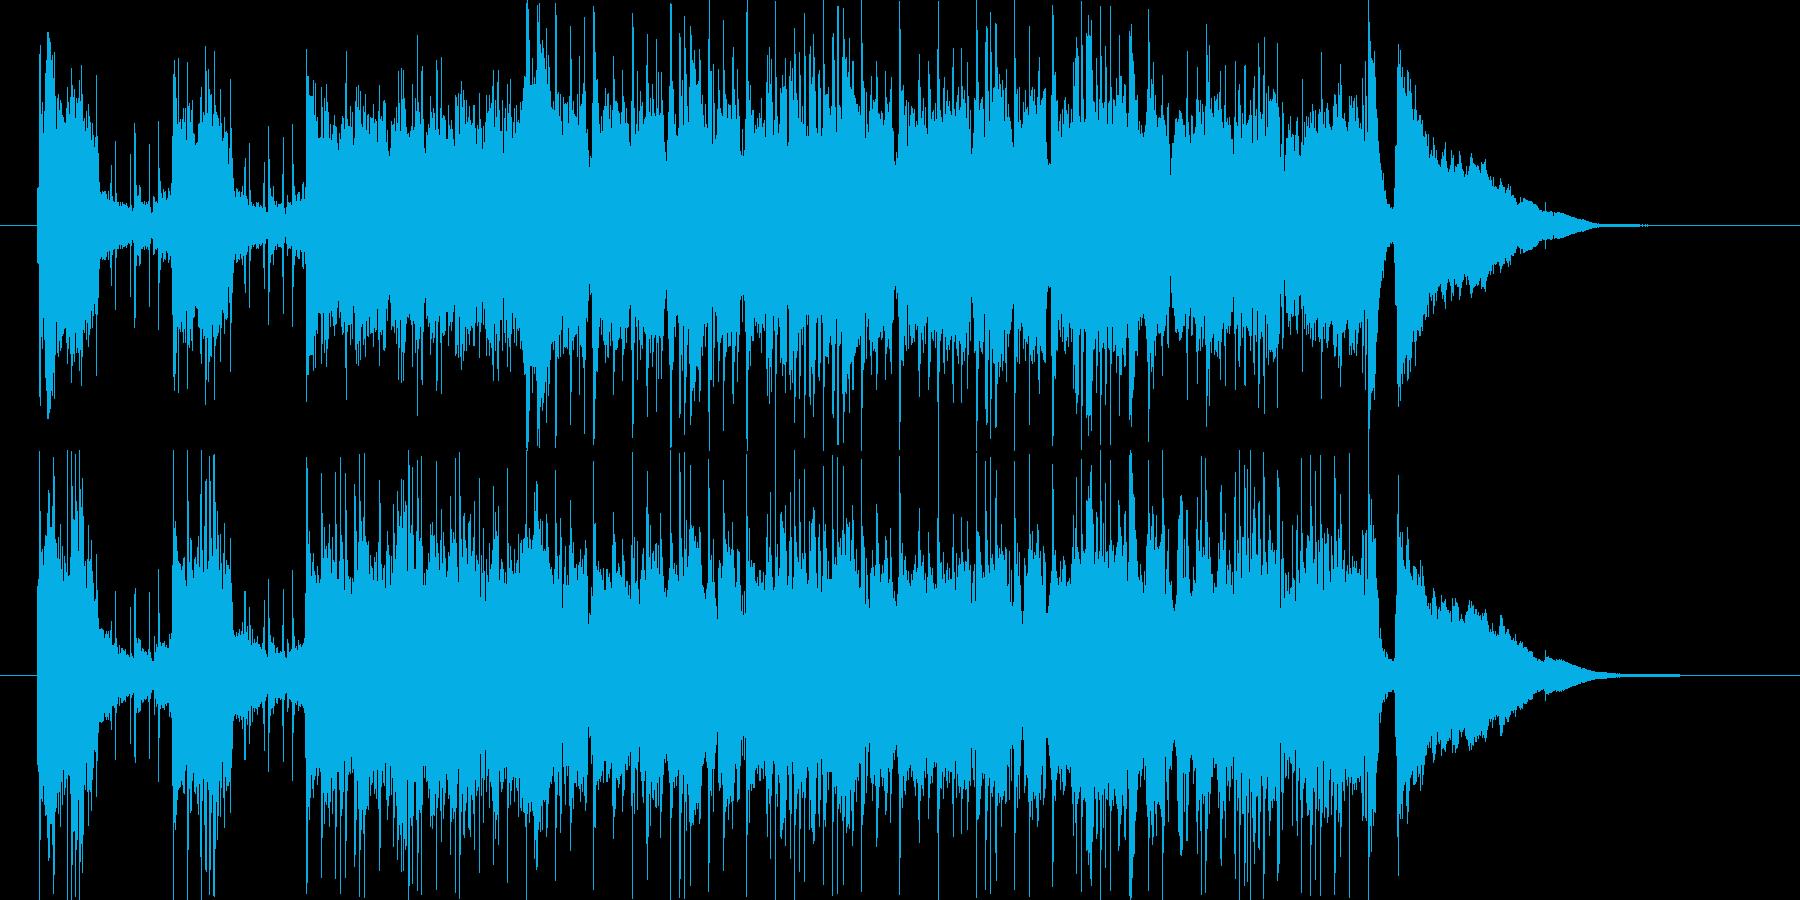 CMイメージです。缶コーヒー無糖をイメ…の再生済みの波形